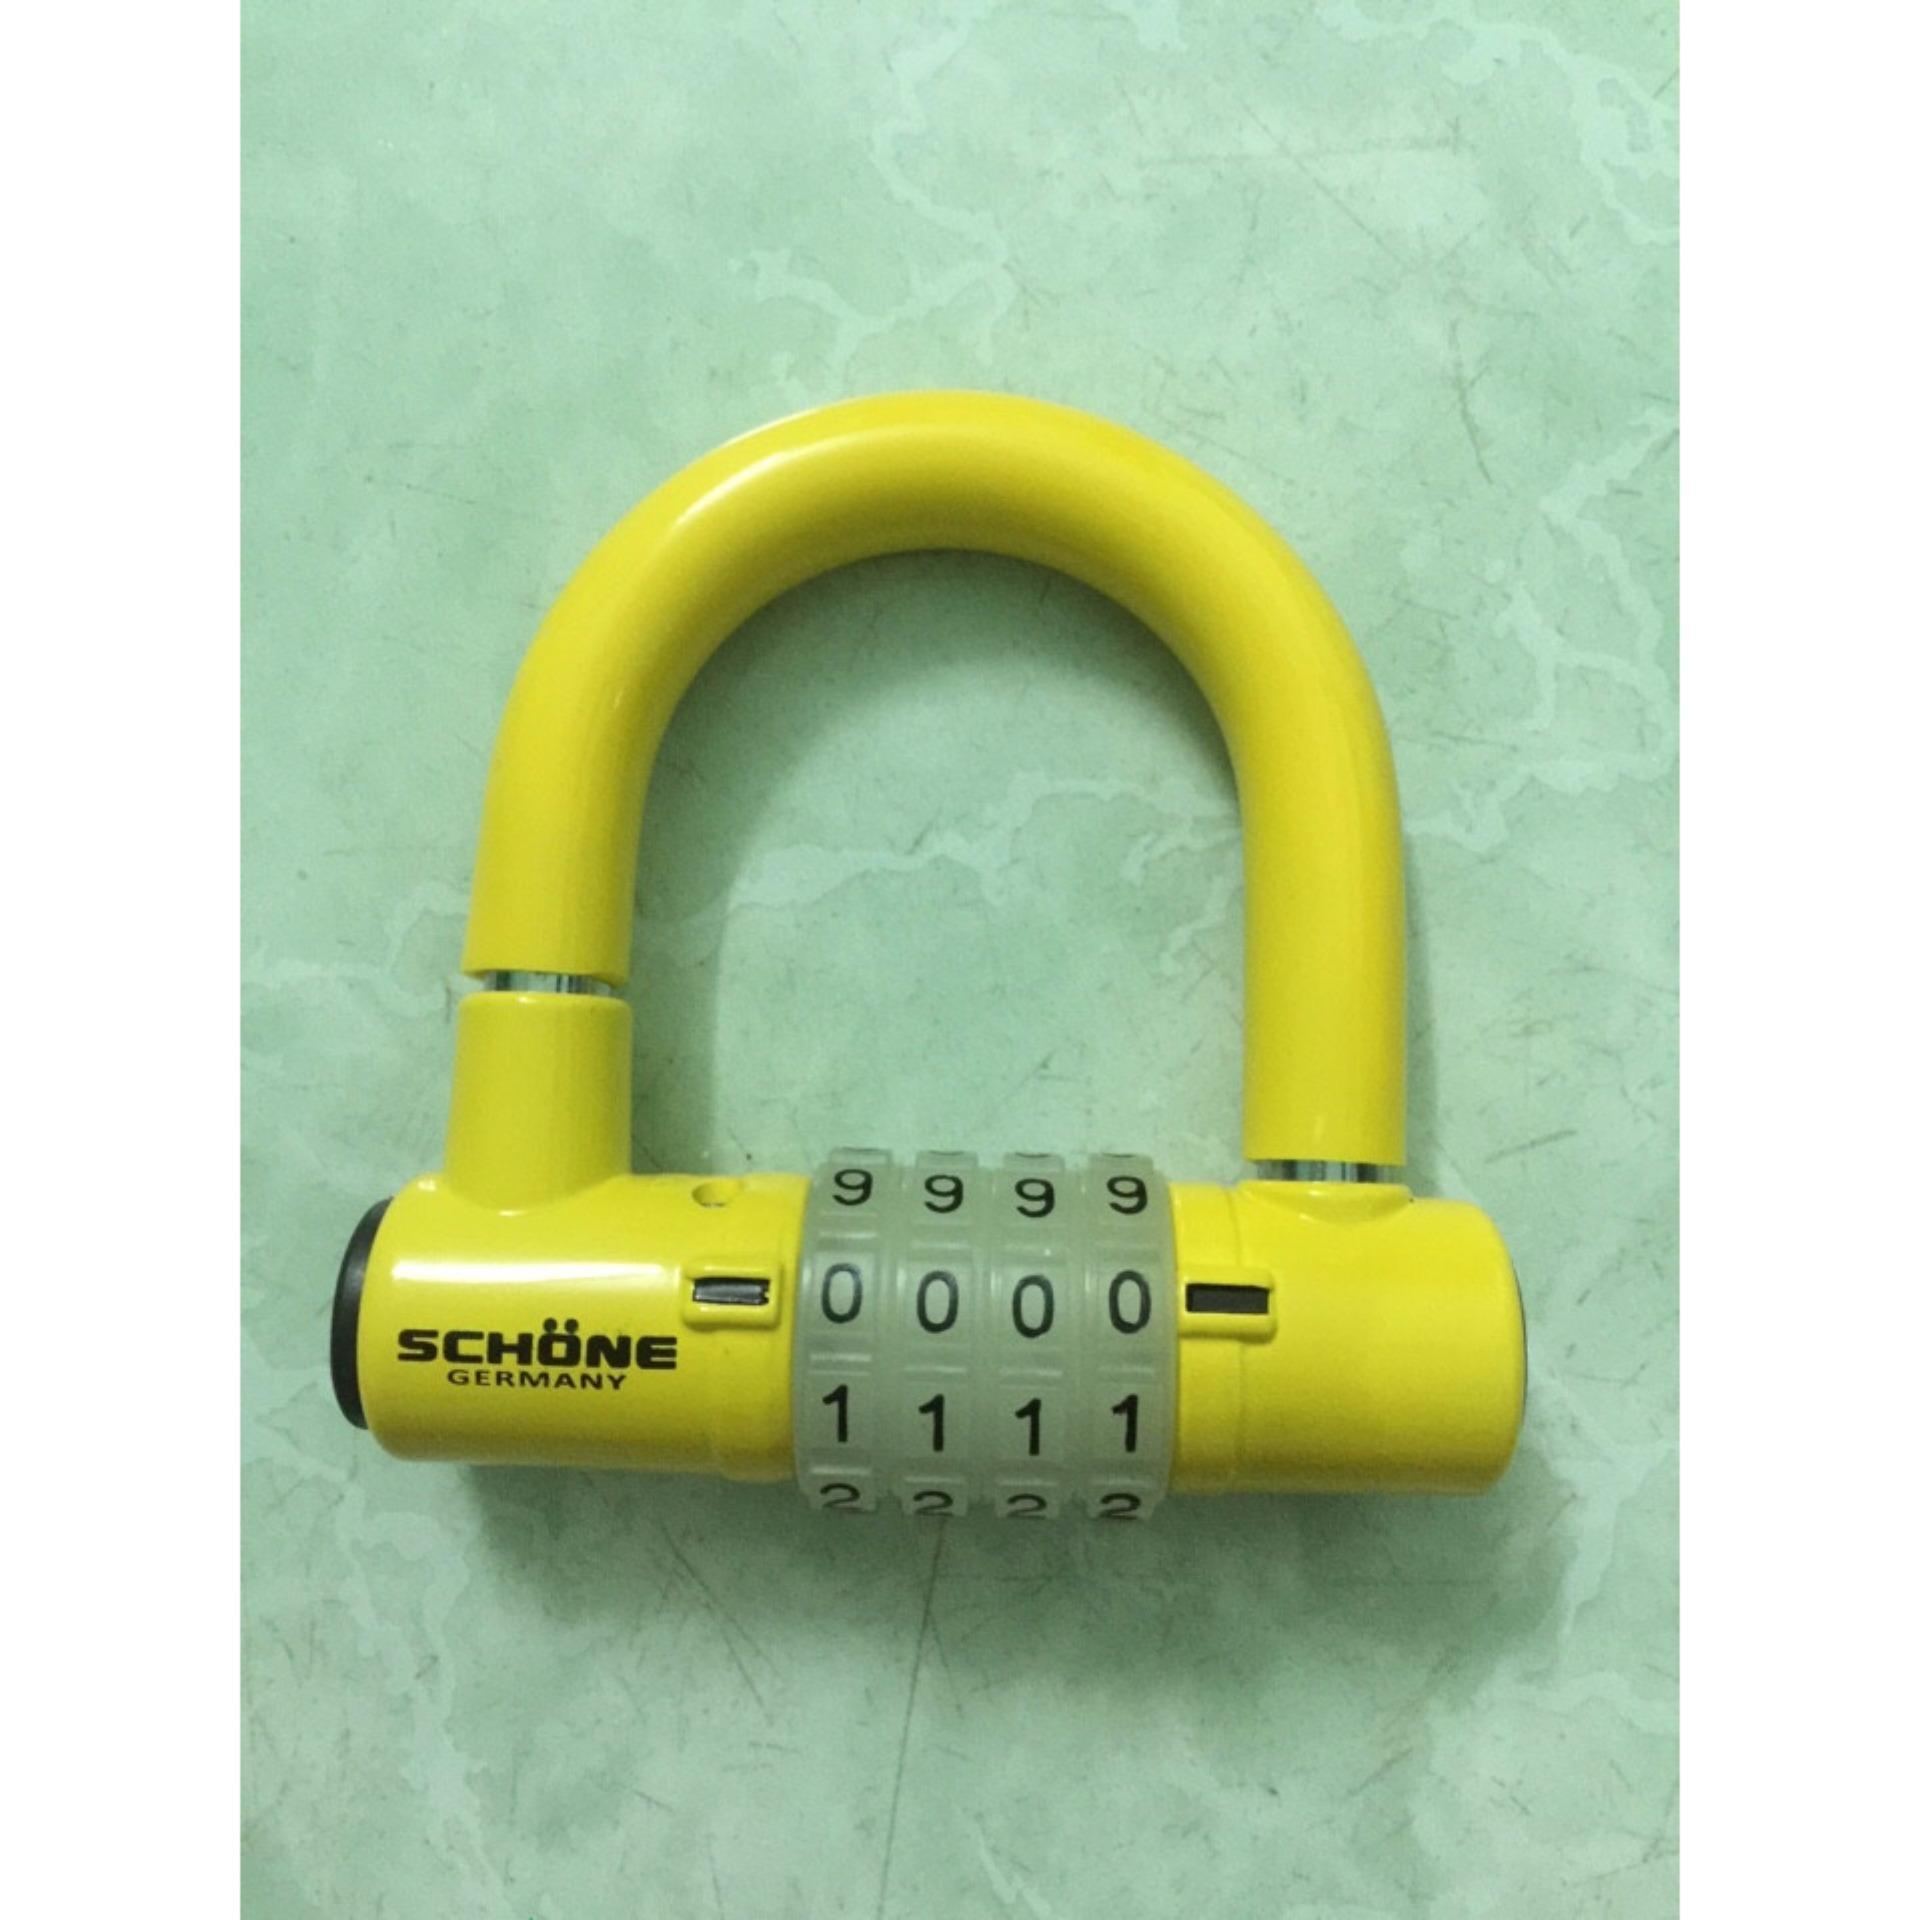 Ổ khóa số khóa cửa khóa cổng khóa tủ khóa vali